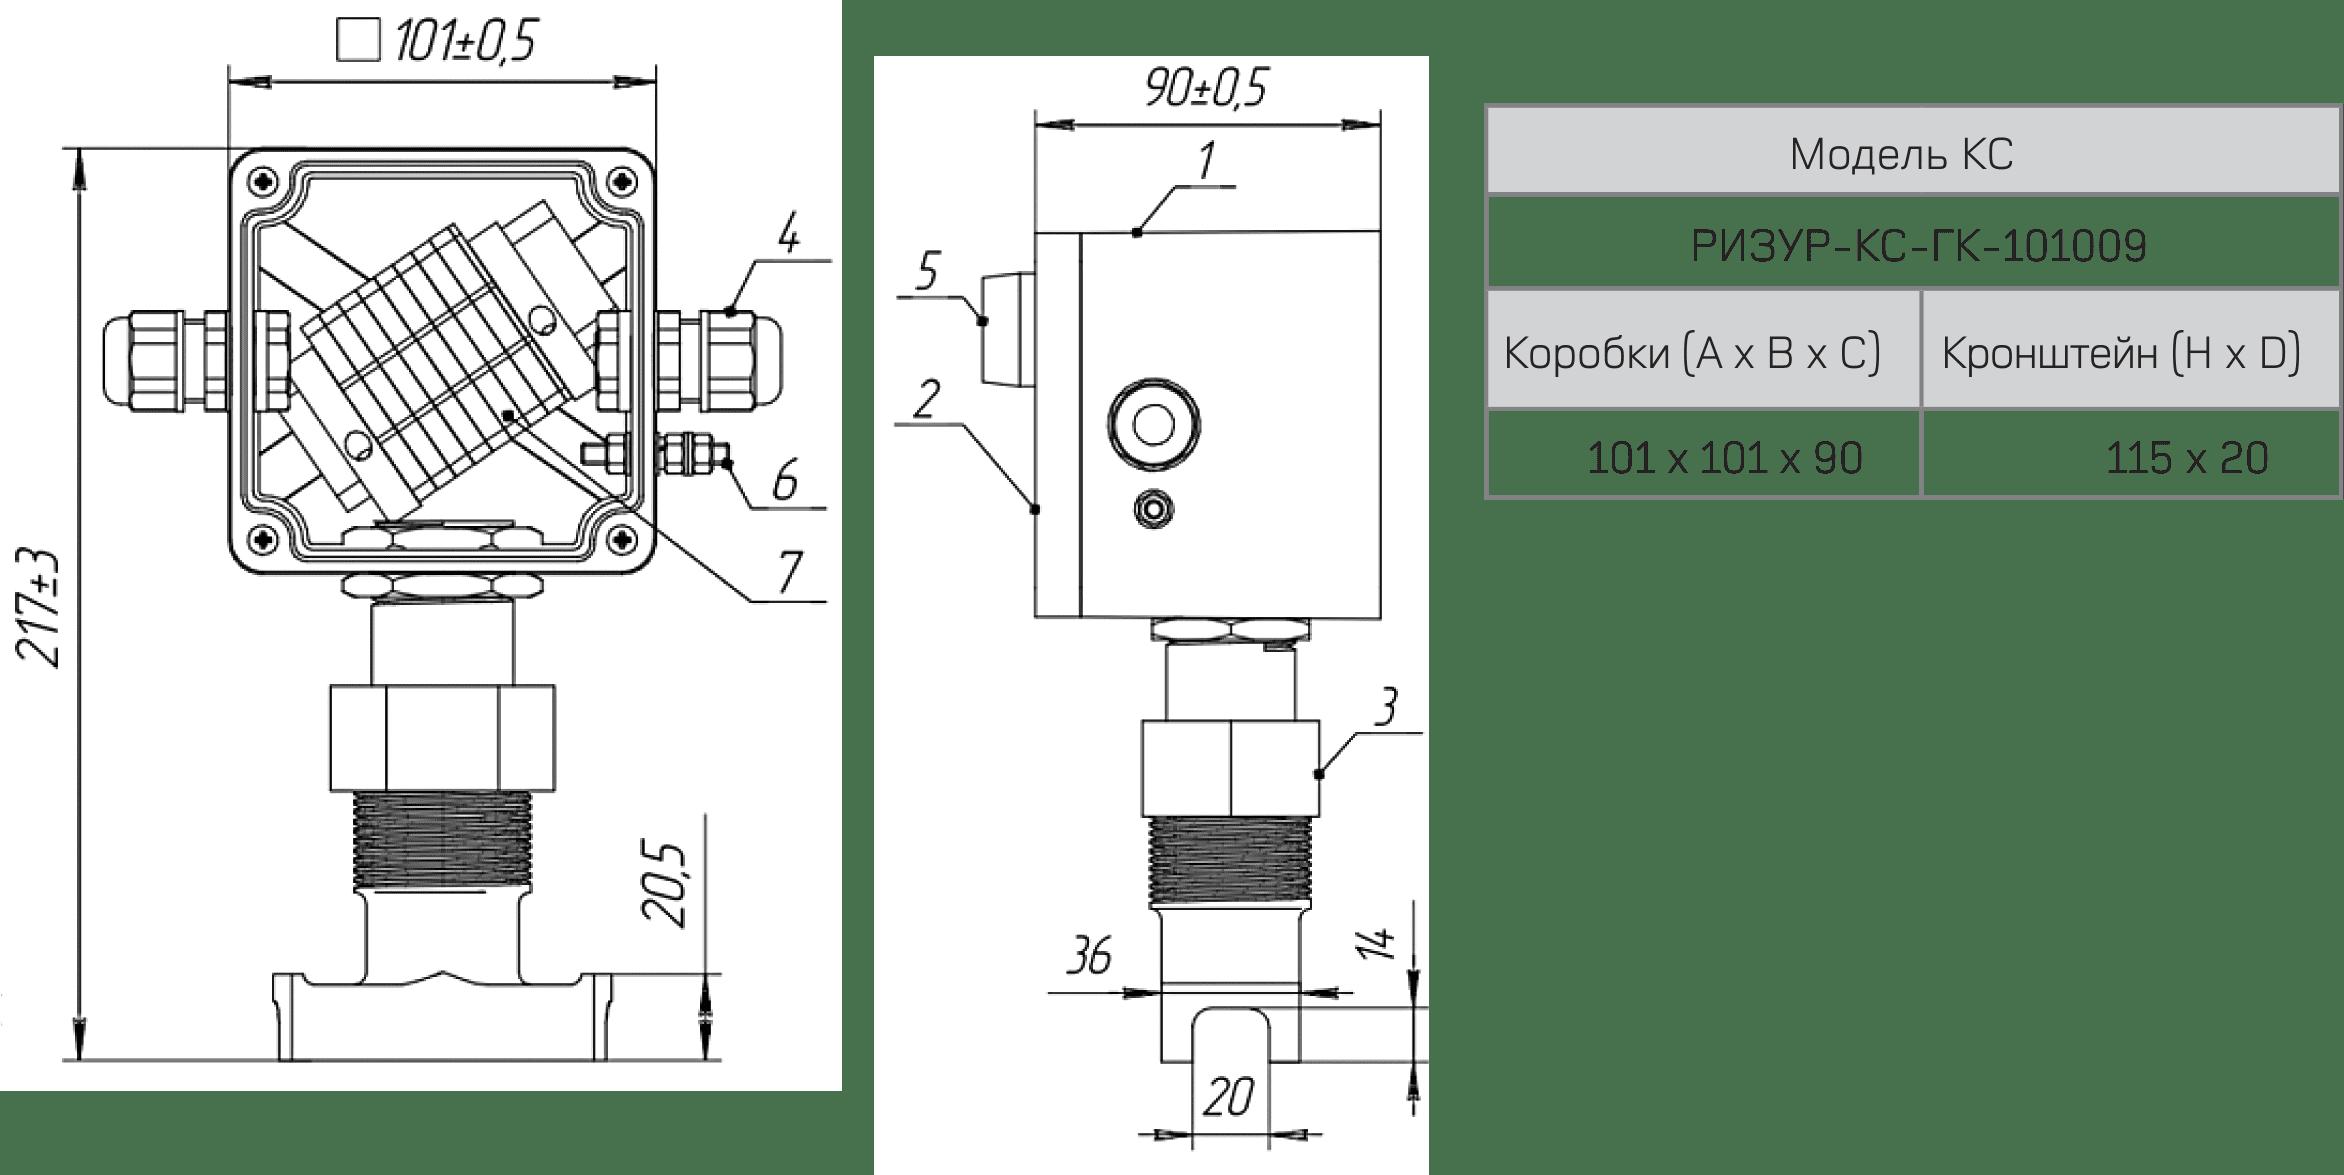 Коробка соединительная взрывозащищённая РИЗУР-КС-ГК Exe